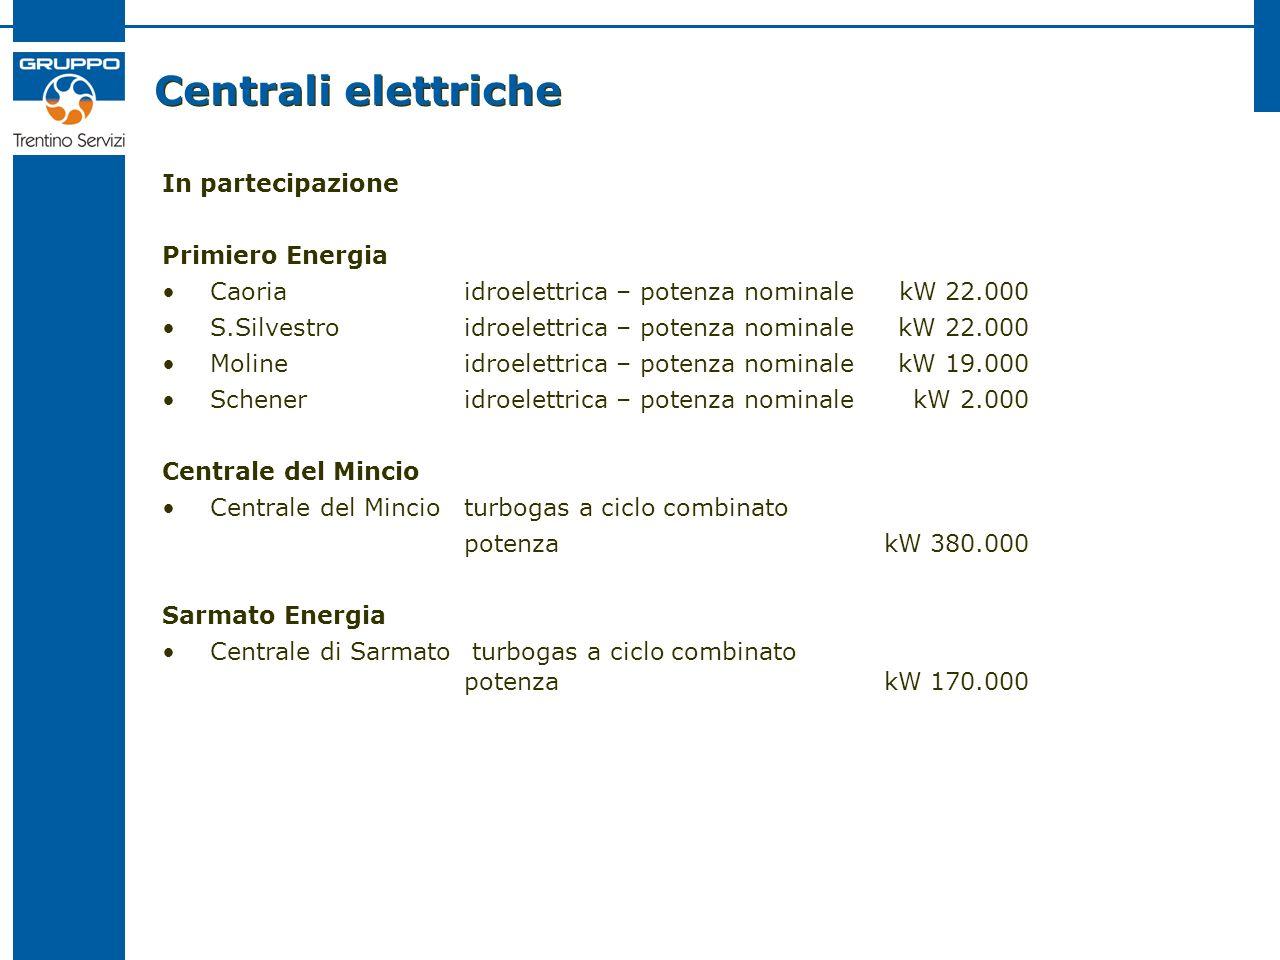 Centrali elettriche In partecipazione Primiero Energia Caoriaidroelettrica – potenza nominale kW 22.000 S.Silvestroidroelettrica – potenza nominale kW